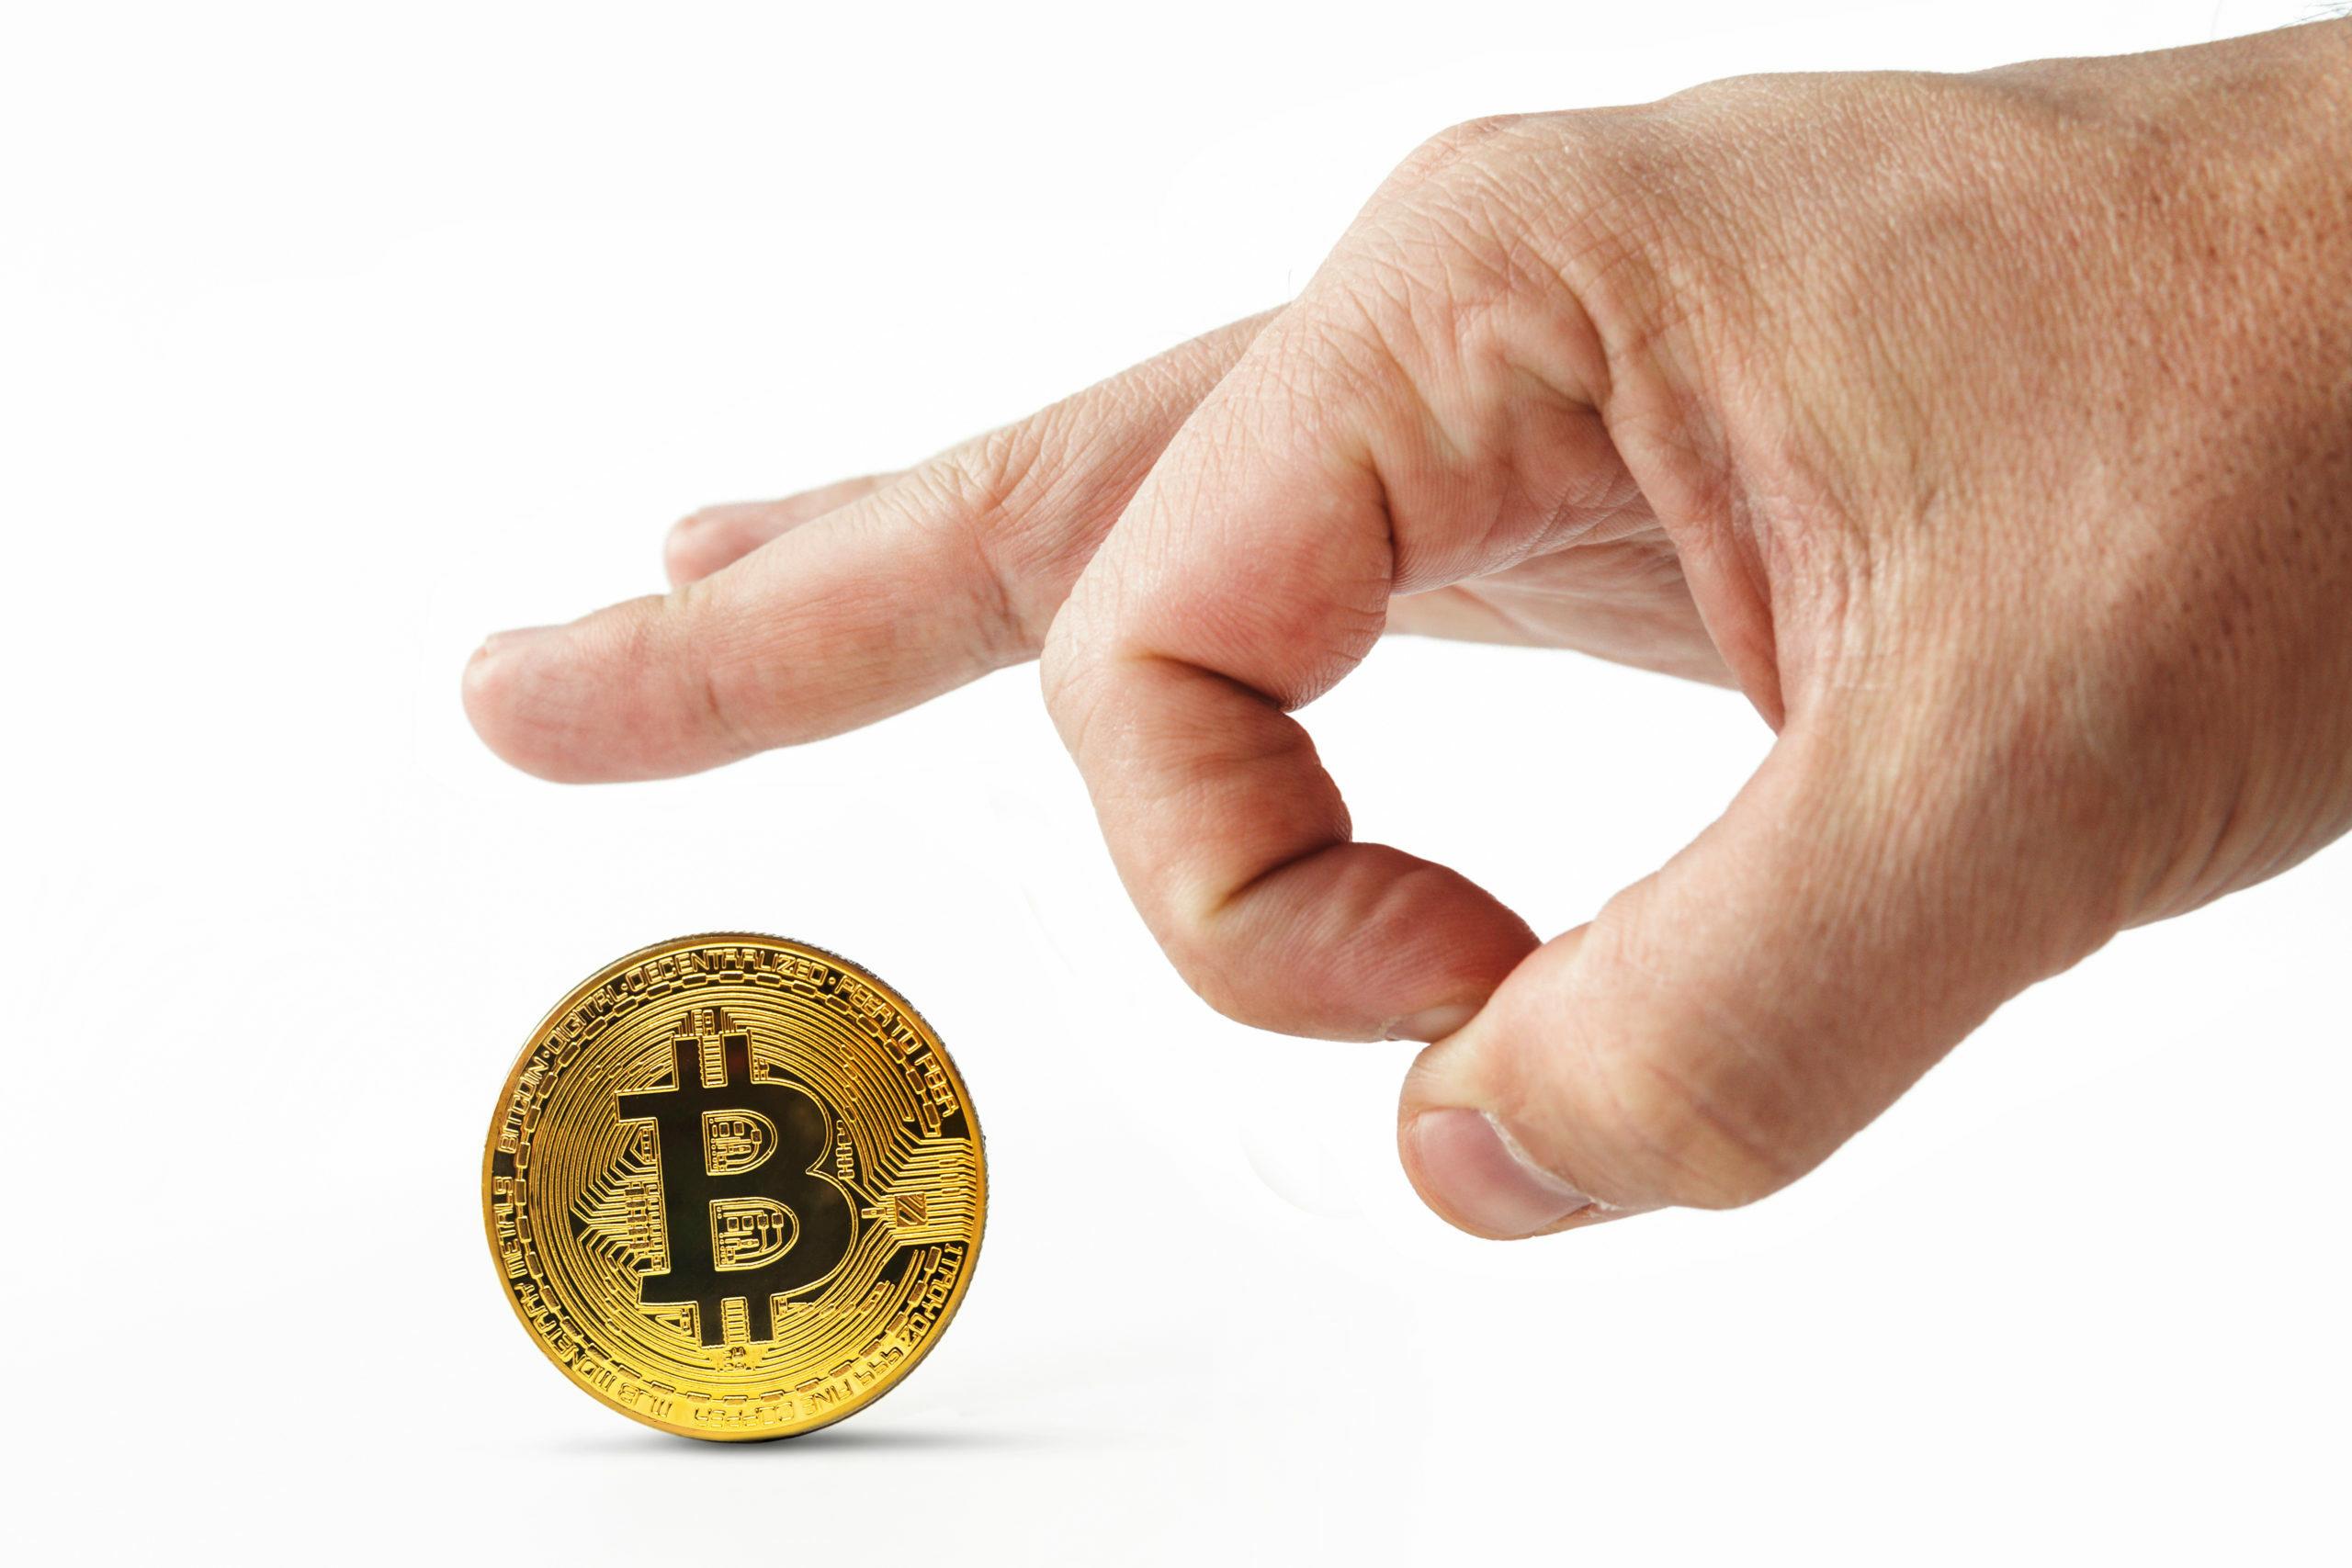 Craig Russo Her Şeyimizi Bitcoin'den Liderliği Devralacak Yeni Kripto Para Varlığına Yatırıyoruz